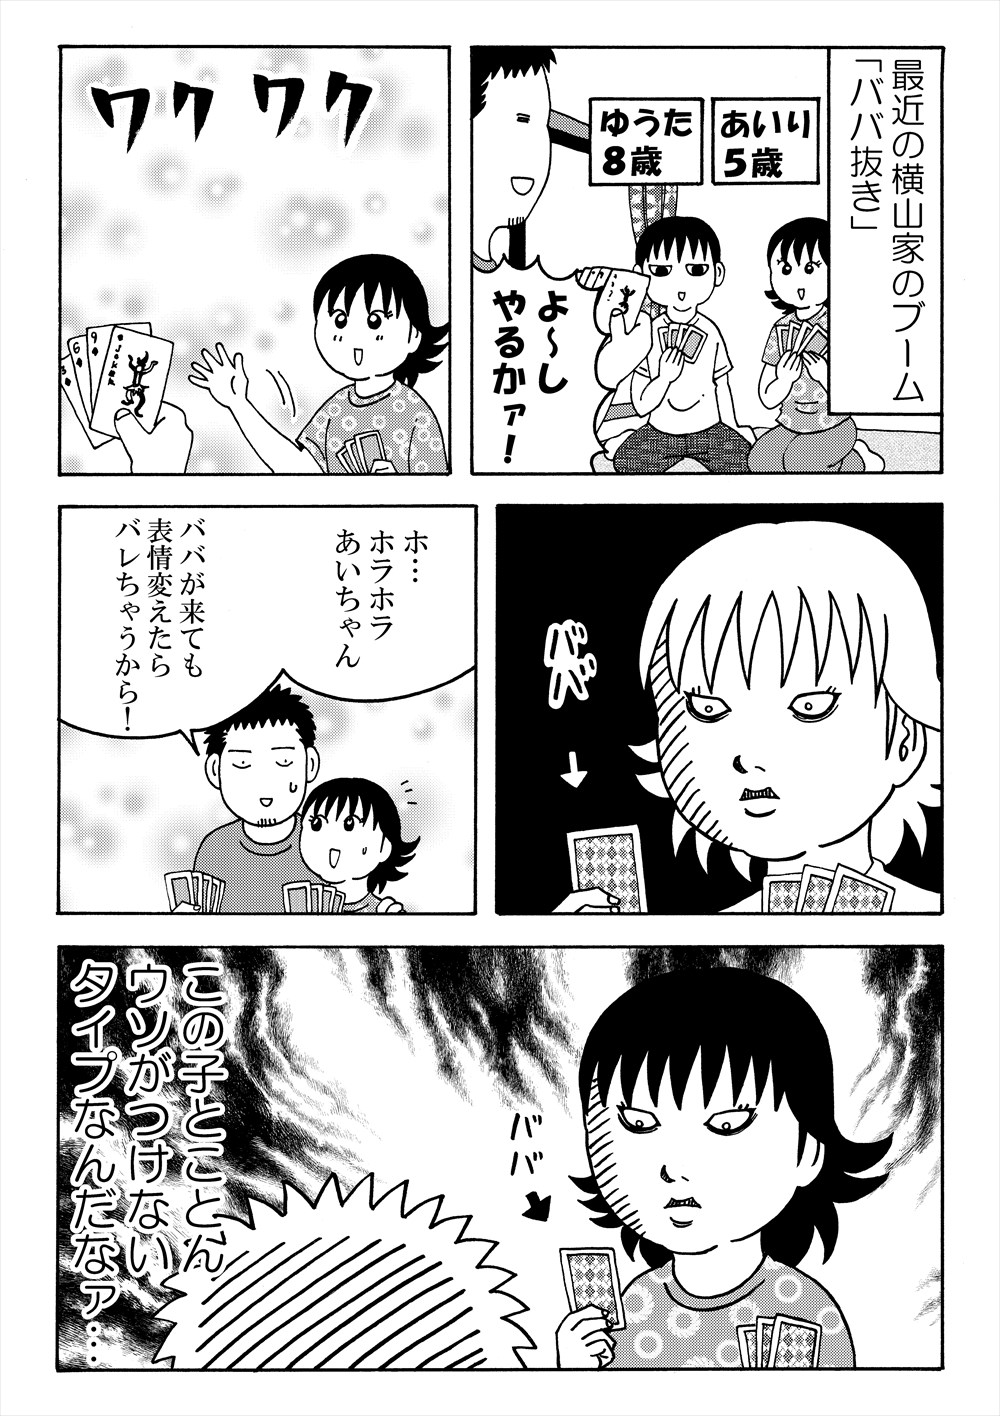 kyounoyokoyamake6_R